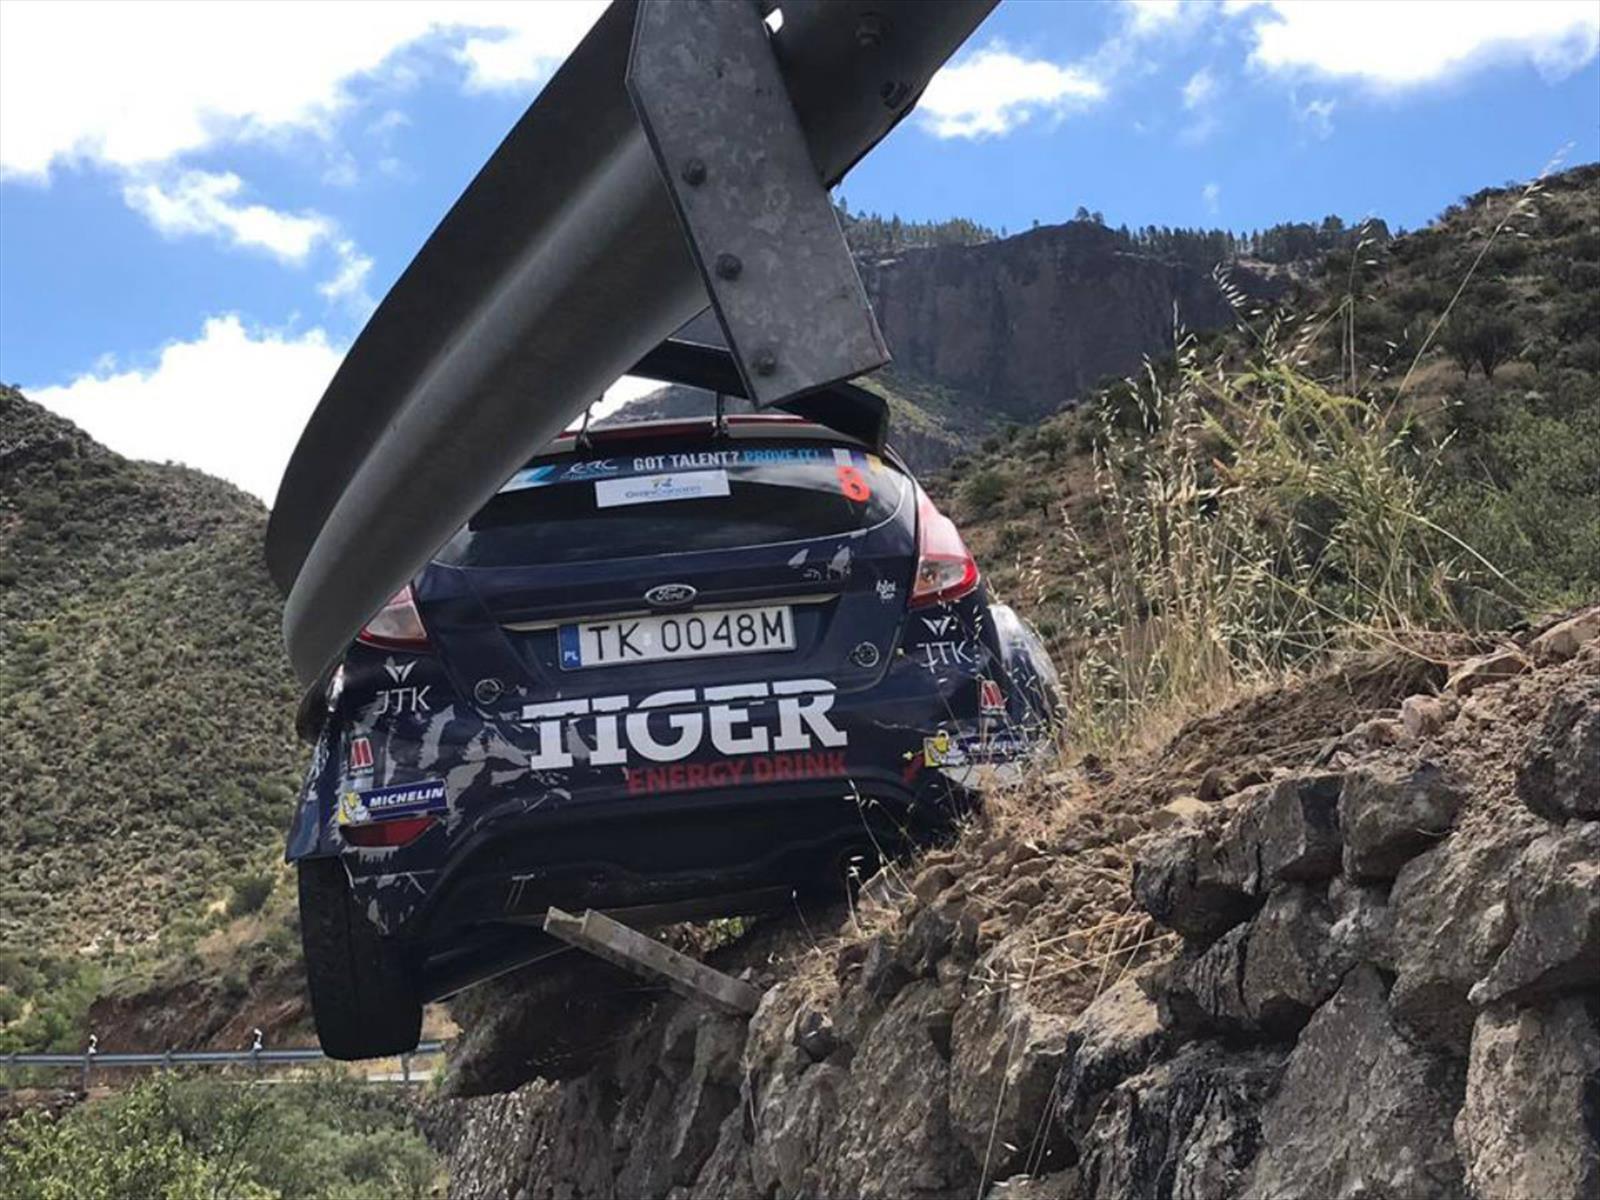 Espectacular accidente en el Campeonato Europeo de Rally